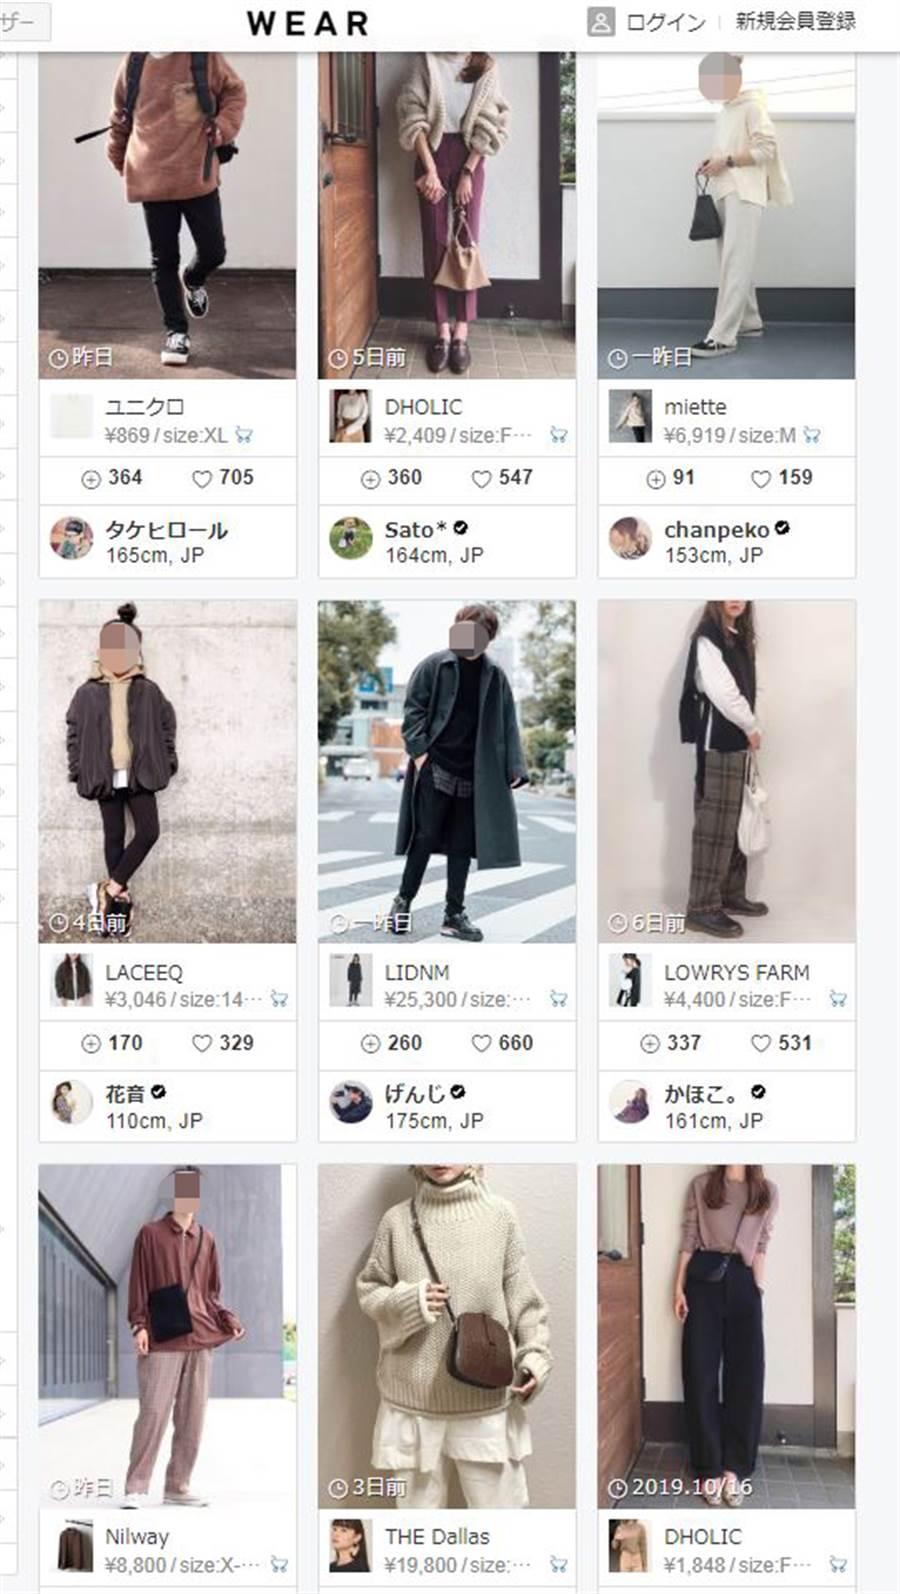 儘管已到冬季,日本年輕人多半選擇絨布型褲,鮮少看到牛仔褲(圖翻攝自/WEAR)